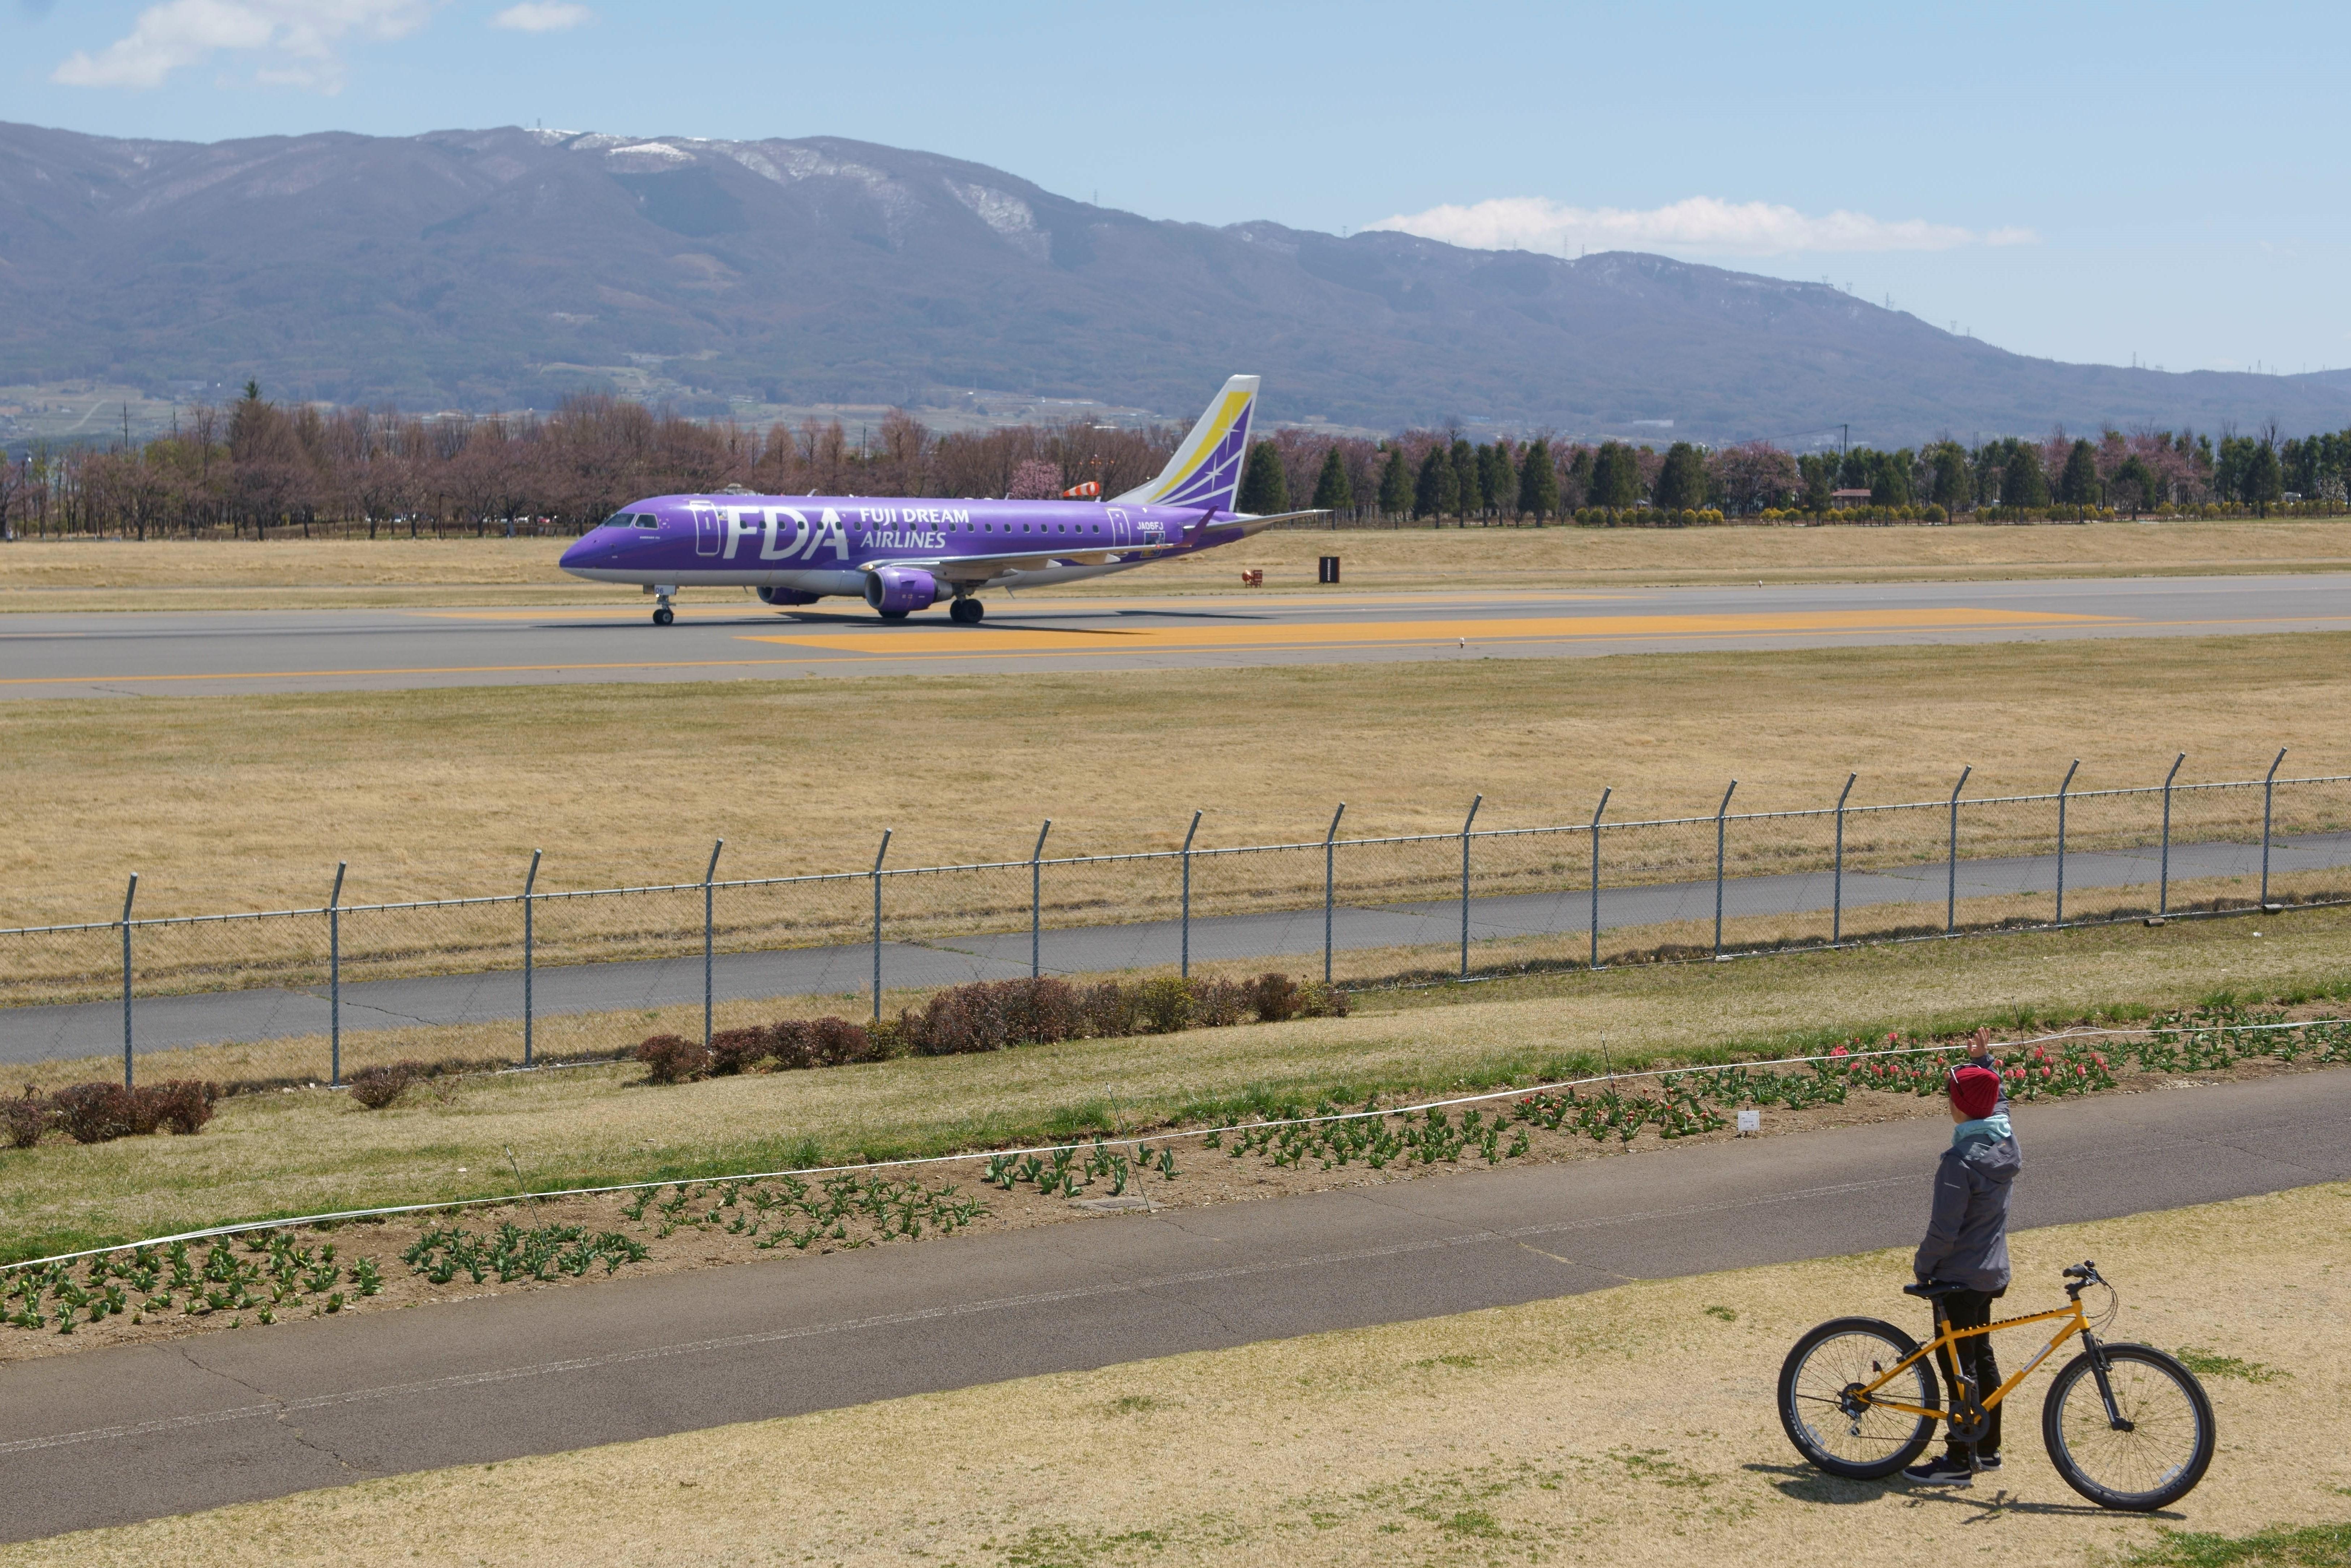 小型旅客機とはいえ、目の前での離着陸は迫力満点